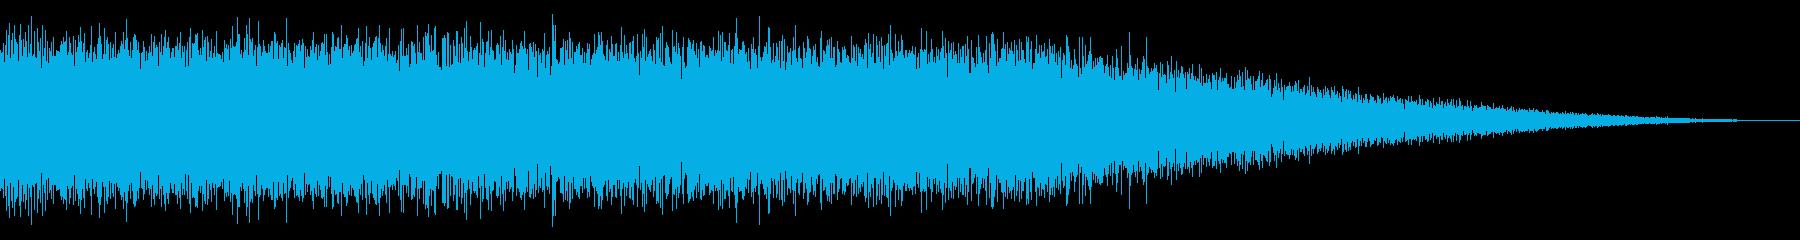 戦車の走行音/キャタピラの効果音06の再生済みの波形